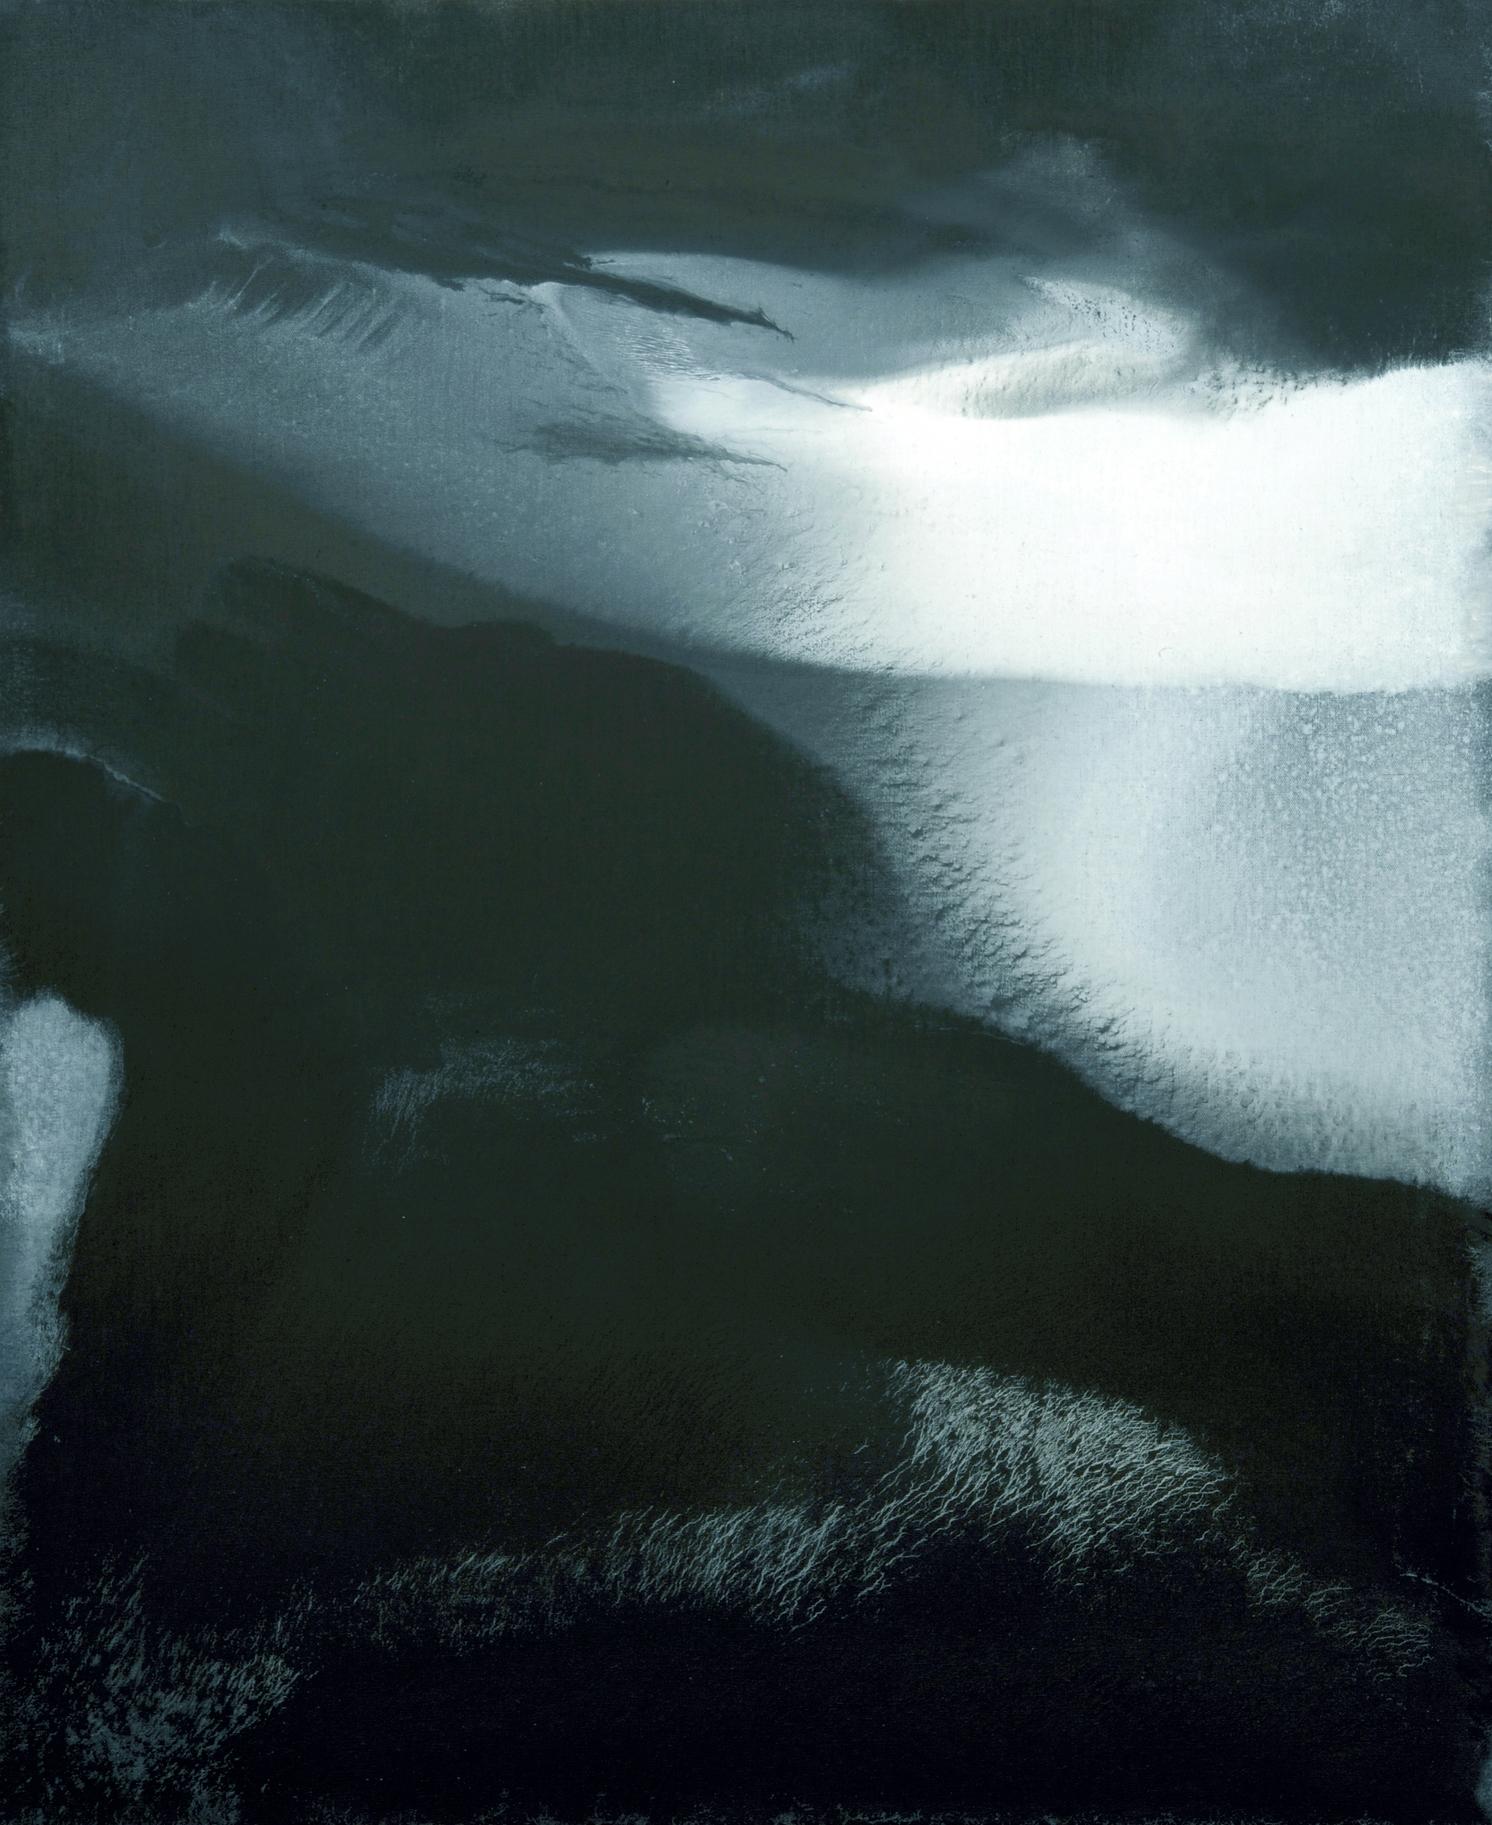 """senza titolo, 2010, dalla serie """"L'immagine accolta"""", olio su tela, cm 110 x 90  untitled, 2010, from the series """"L'immagine accolta"""", oil on canvas, cm 110 x 90"""